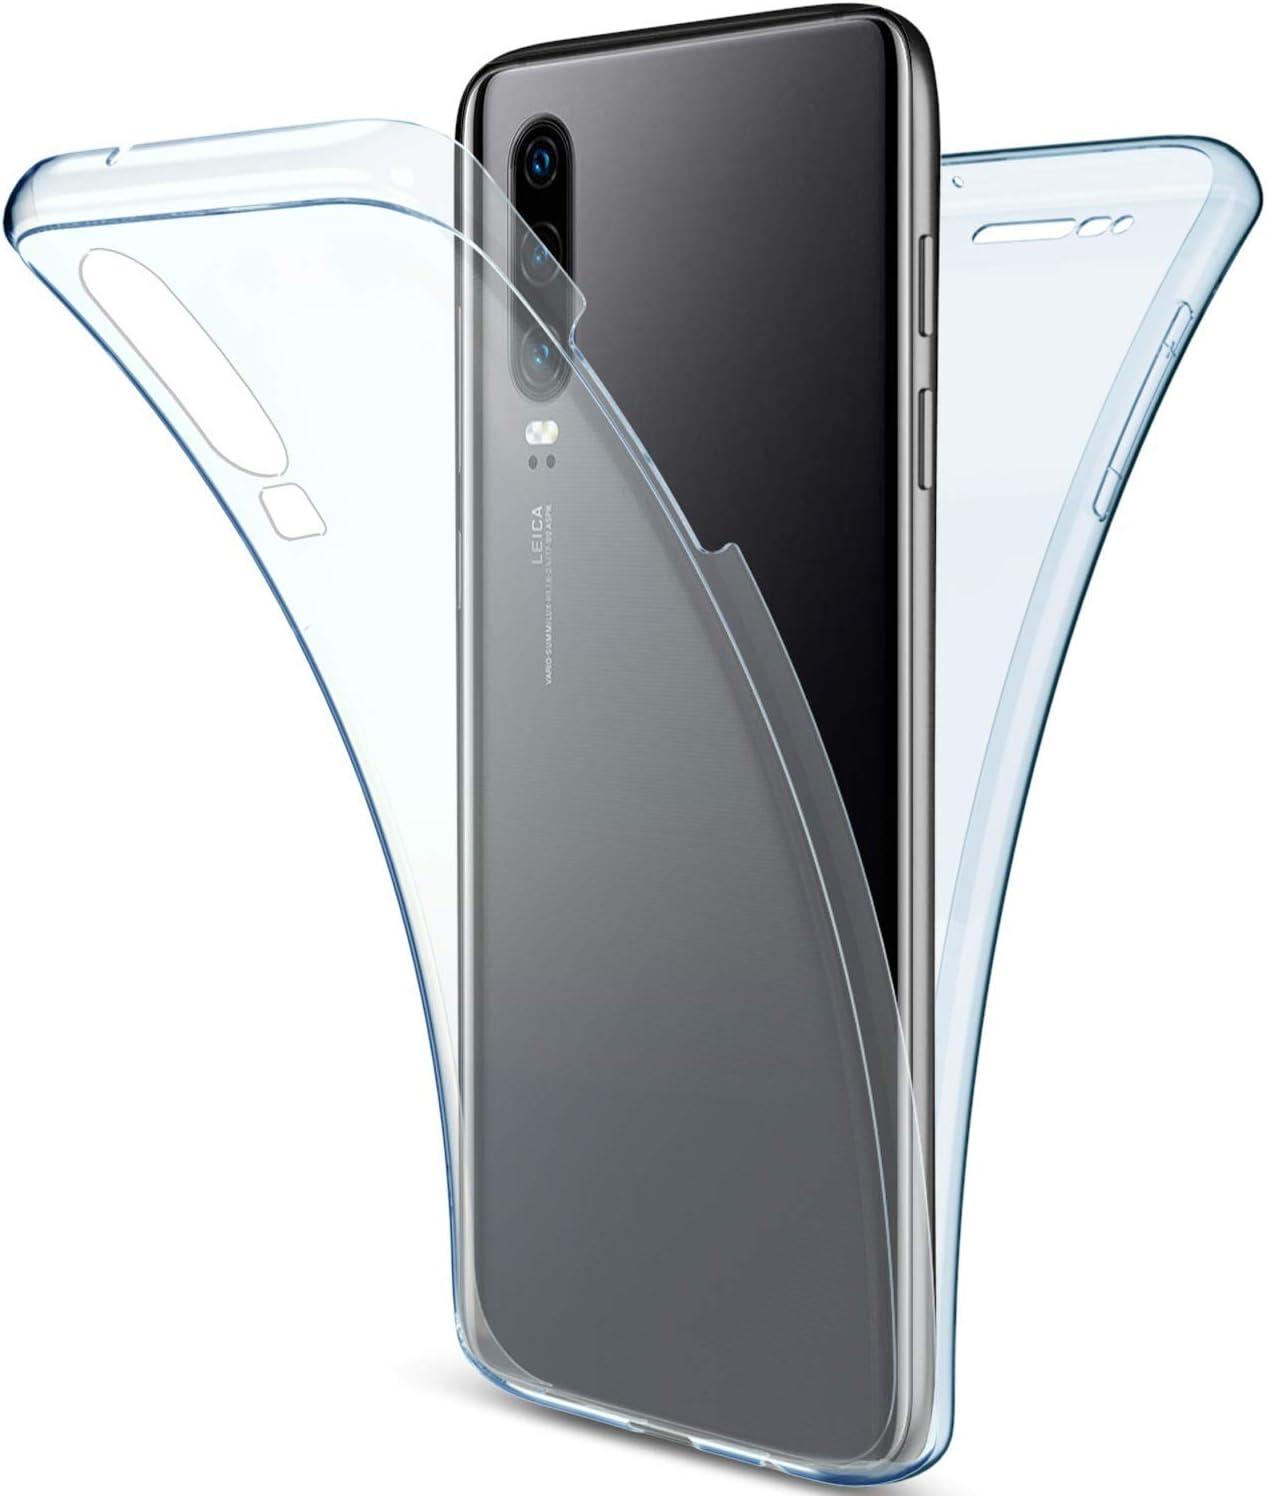 Ultra Delgado,azul Anti-Choque Saceebe compatible con Huawei P30 Funda Carcasa Silicona TPU Transparente Cristal Estuche de TPU 360 grados Anverso y reverso Flexible Silicona Cover